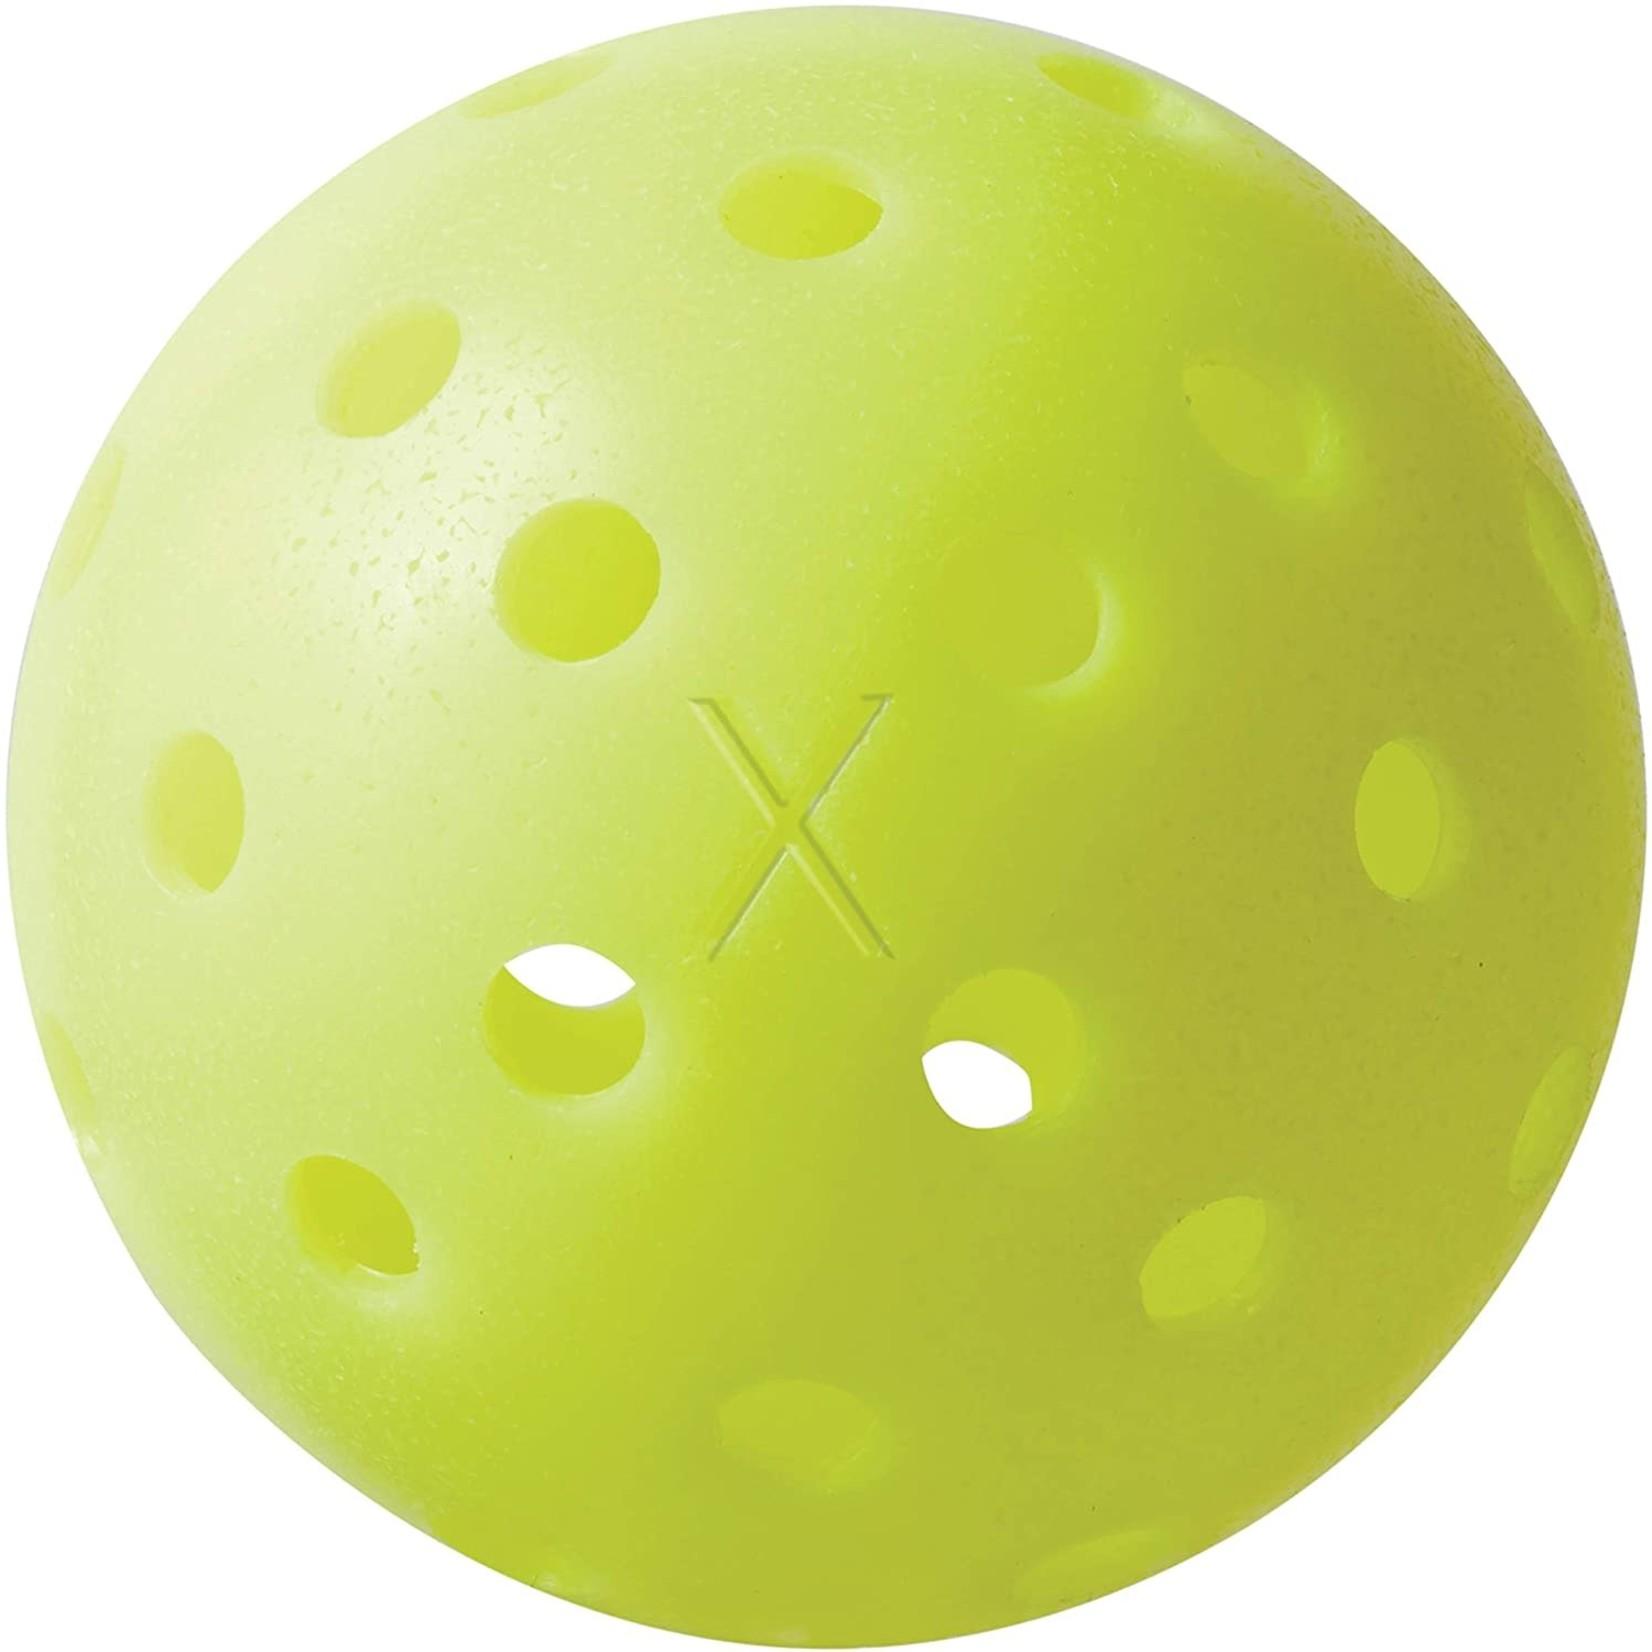 Sideline Sports Balle Pickleball